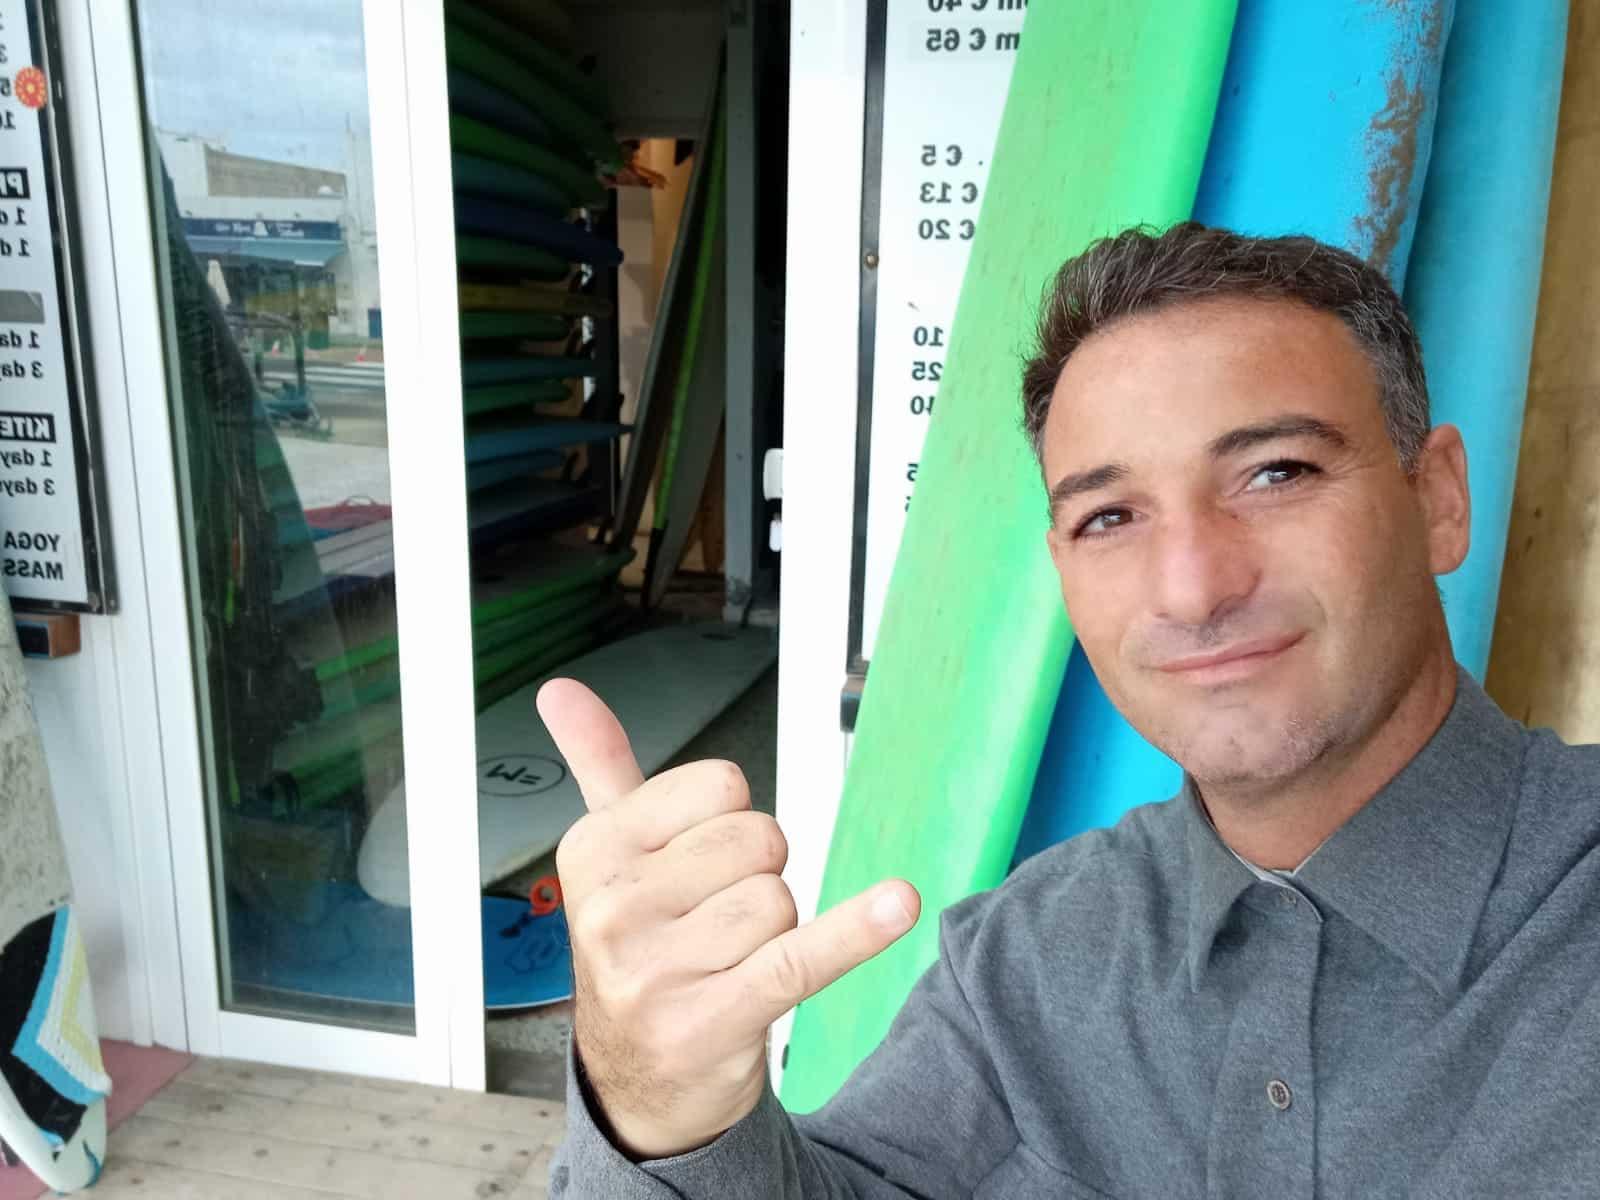 Surf Shop Assistant Rafael